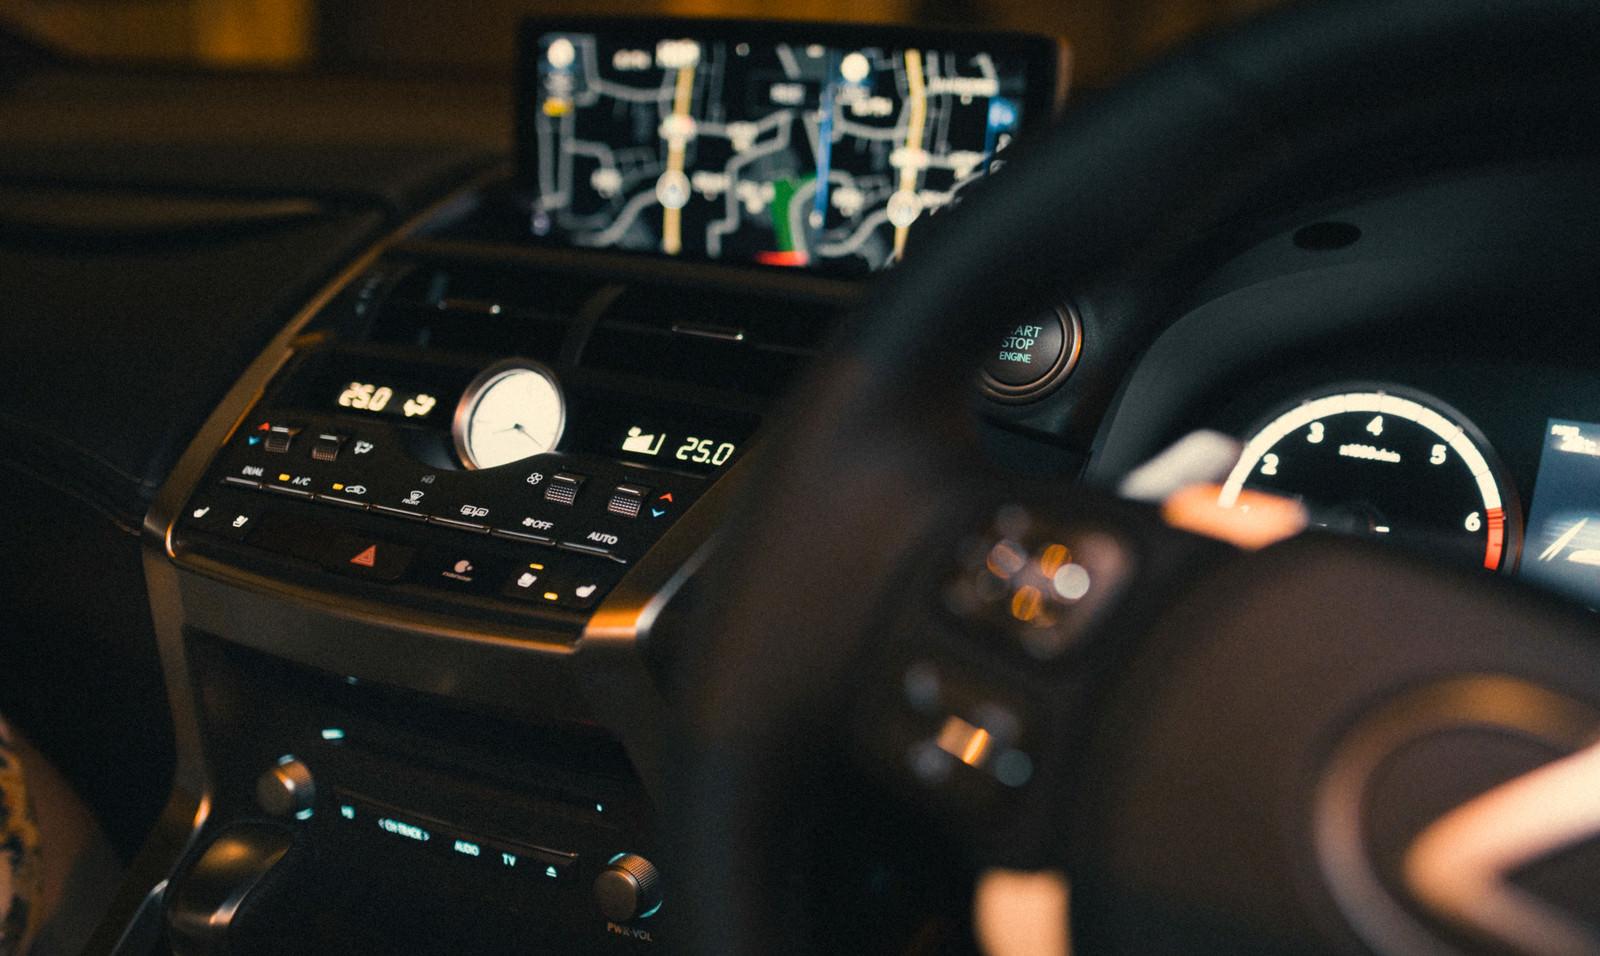 「車内のカーナビと空調スイッチ車内のカーナビと空調スイッチ」のフリー写真素材を拡大